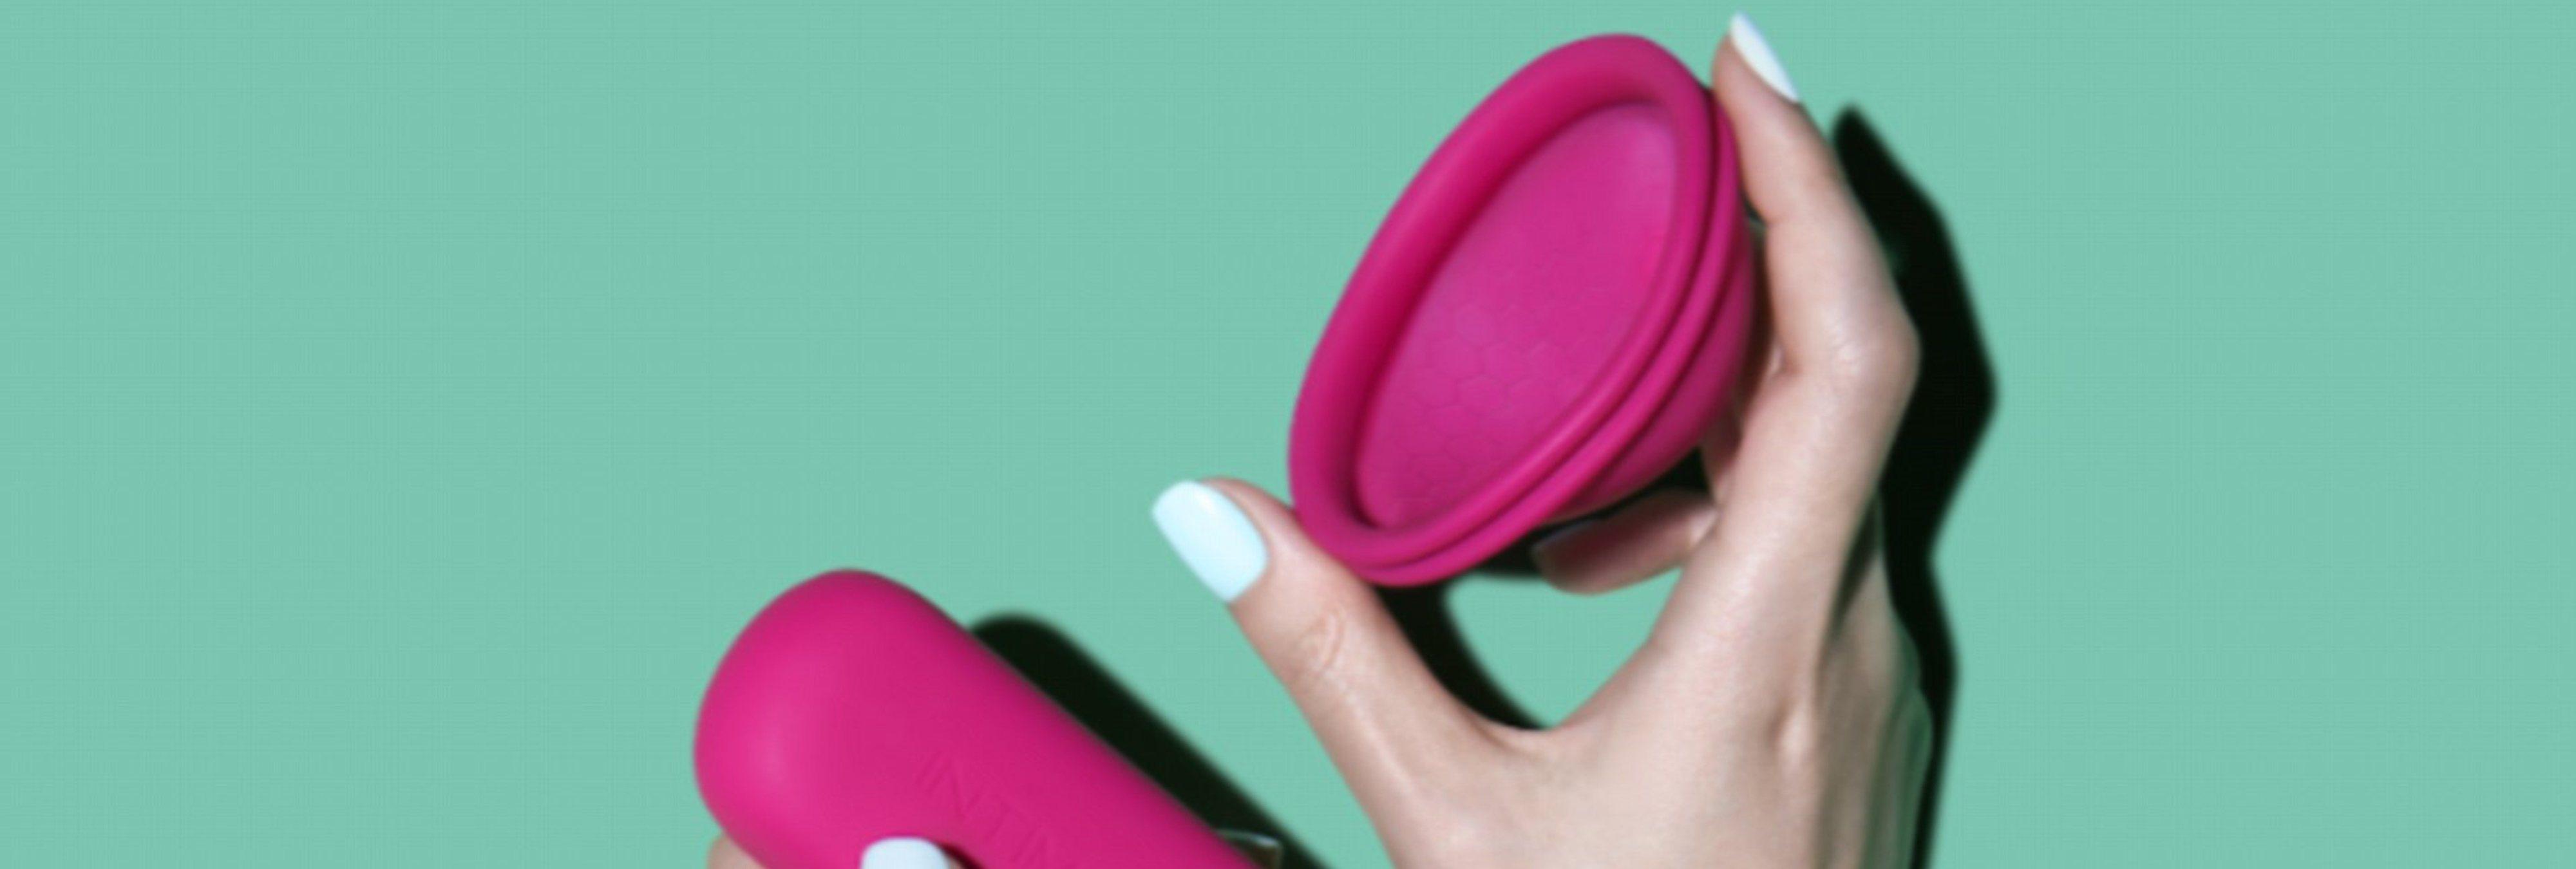 Ziggy Cup, la única copa menstrual que permite mantener relaciones sexuales durante la regla